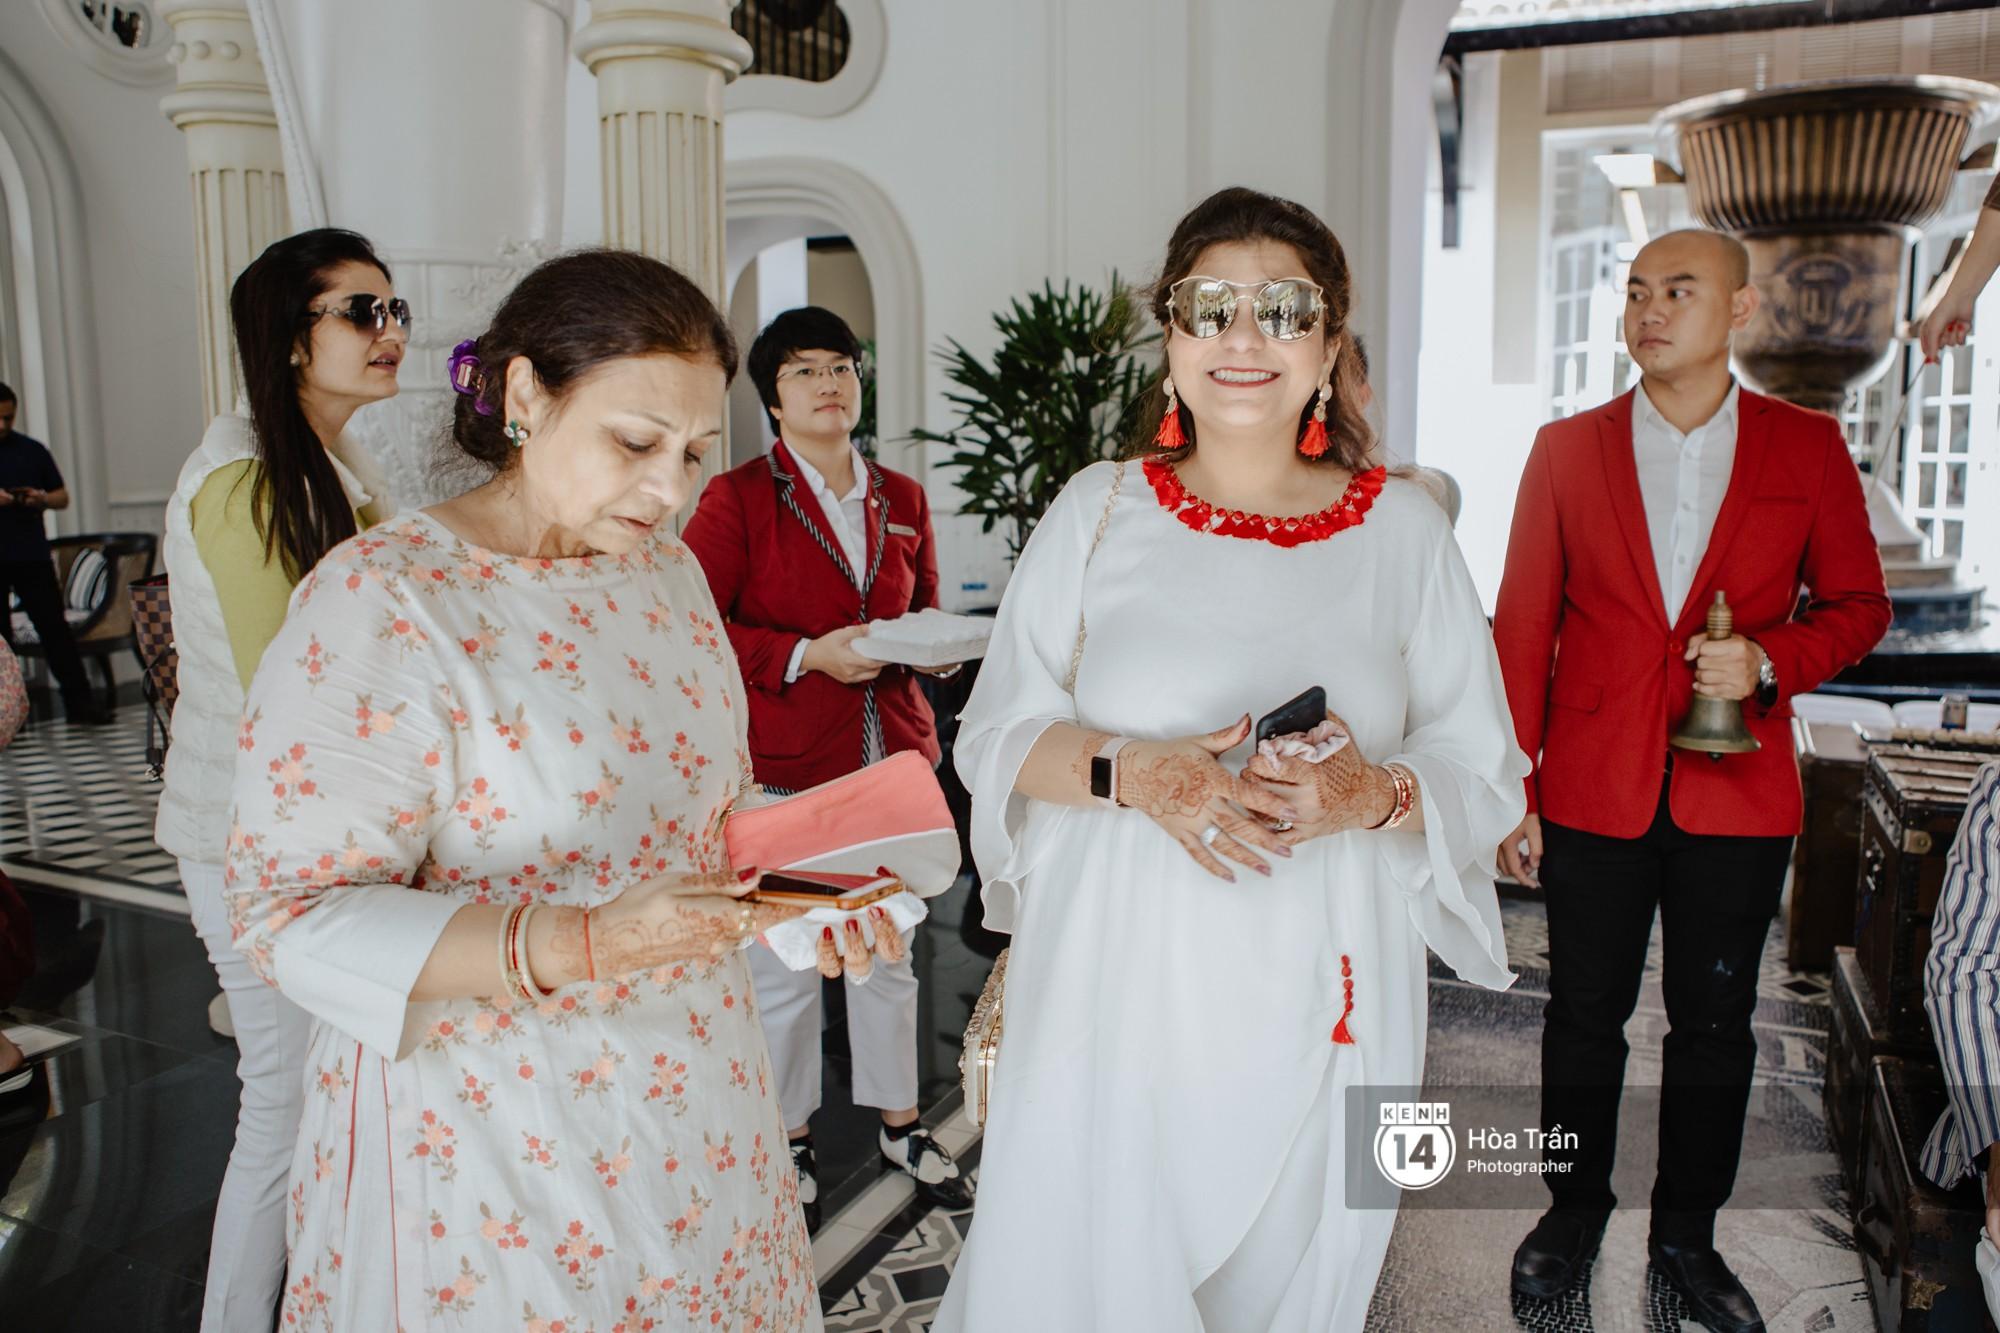 Tận mắt không gian tiệc cưới xa hoa của tỷ phú Ấn Độ tại Phú Quốc với hàng trăm khách mời đại gia đến chung vui - Ảnh 11.